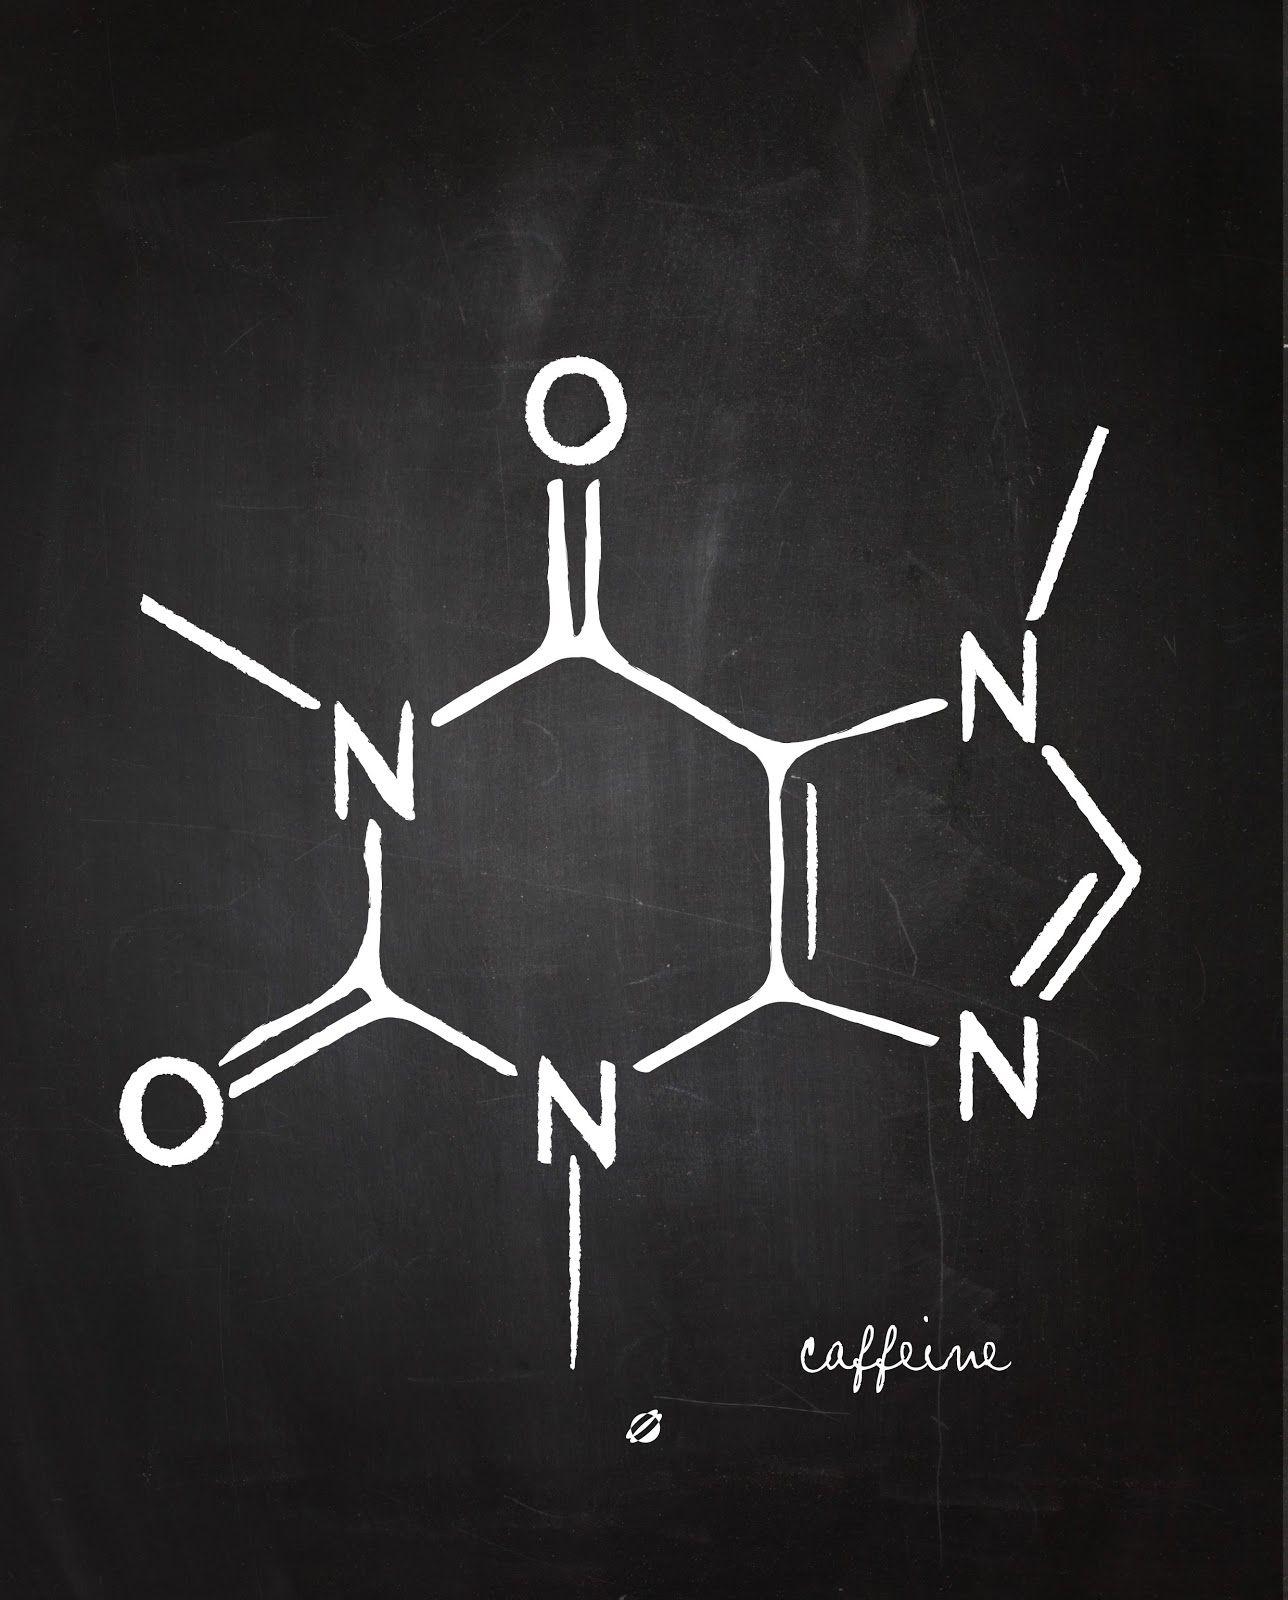 lostbumblebee 2014 caffeine chemistry 101 free printable plant science food science science humor [ 1288 x 1600 Pixel ]